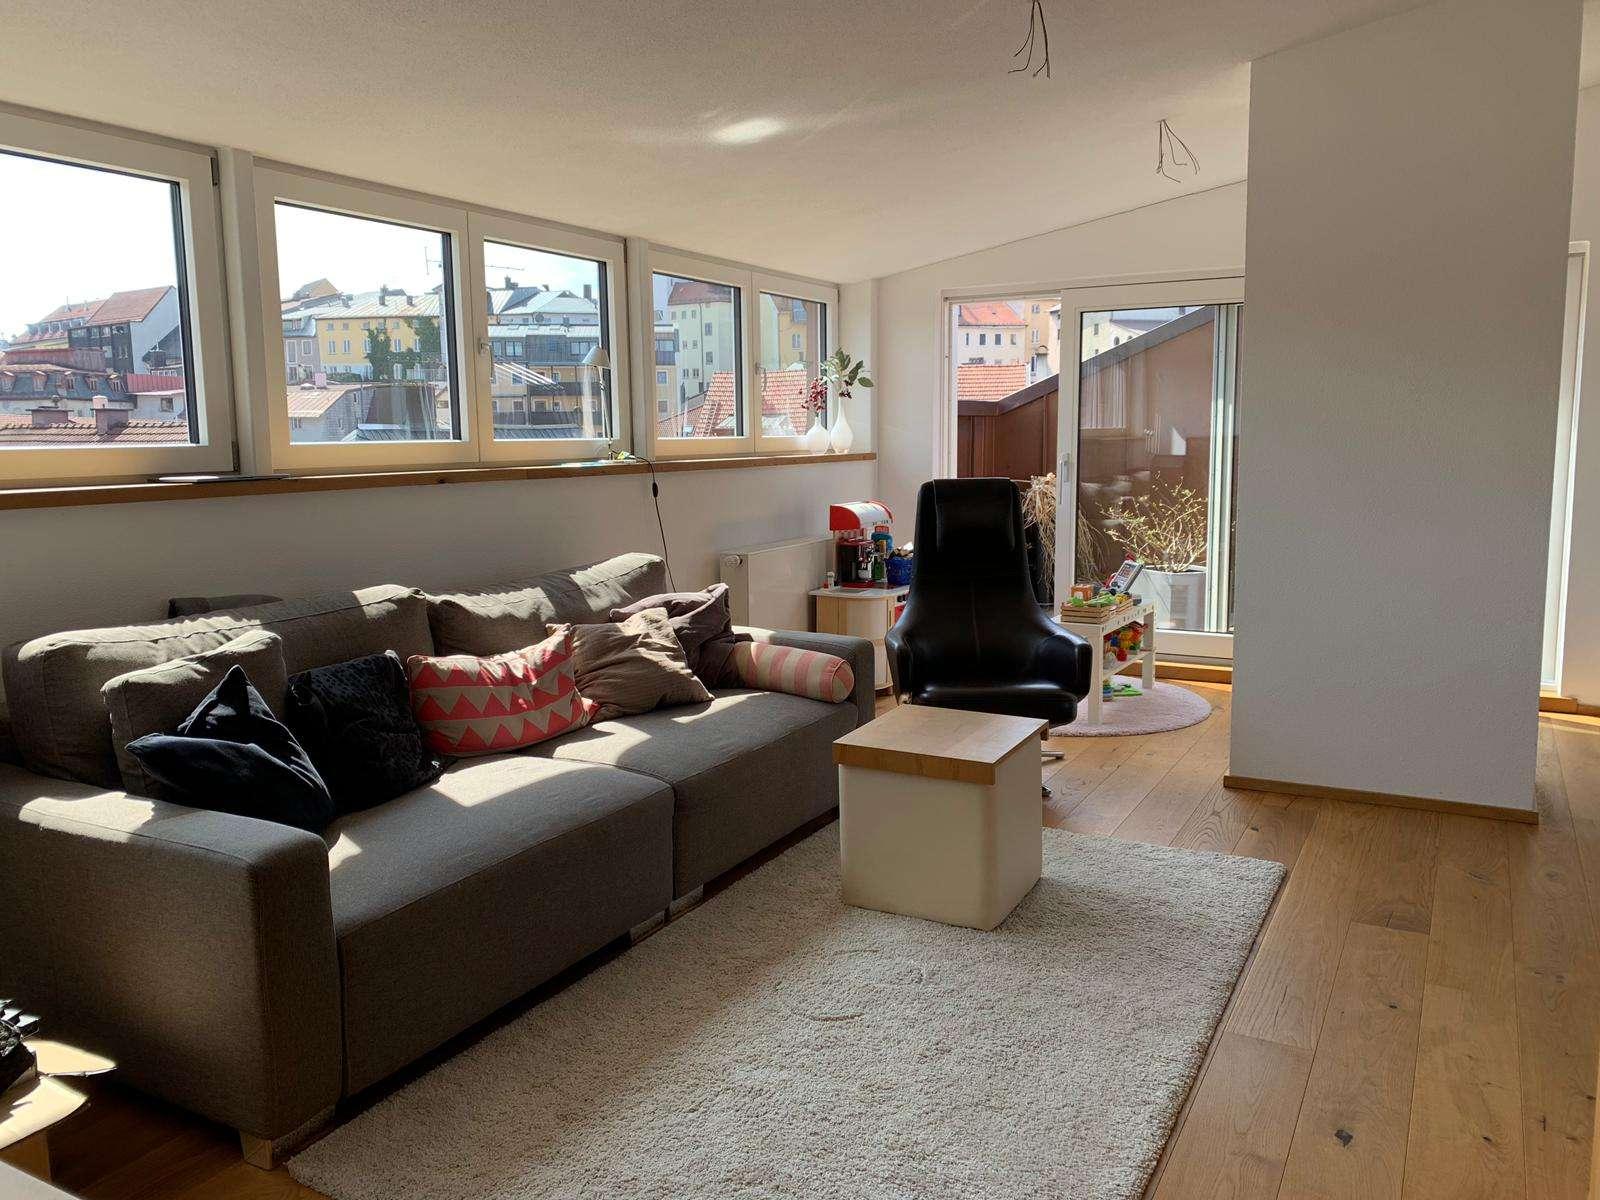 Neuwertige 4-Zimmer-Penthouse-Wohnung mit Terrassen und EBK zw Traun und Altstadt in